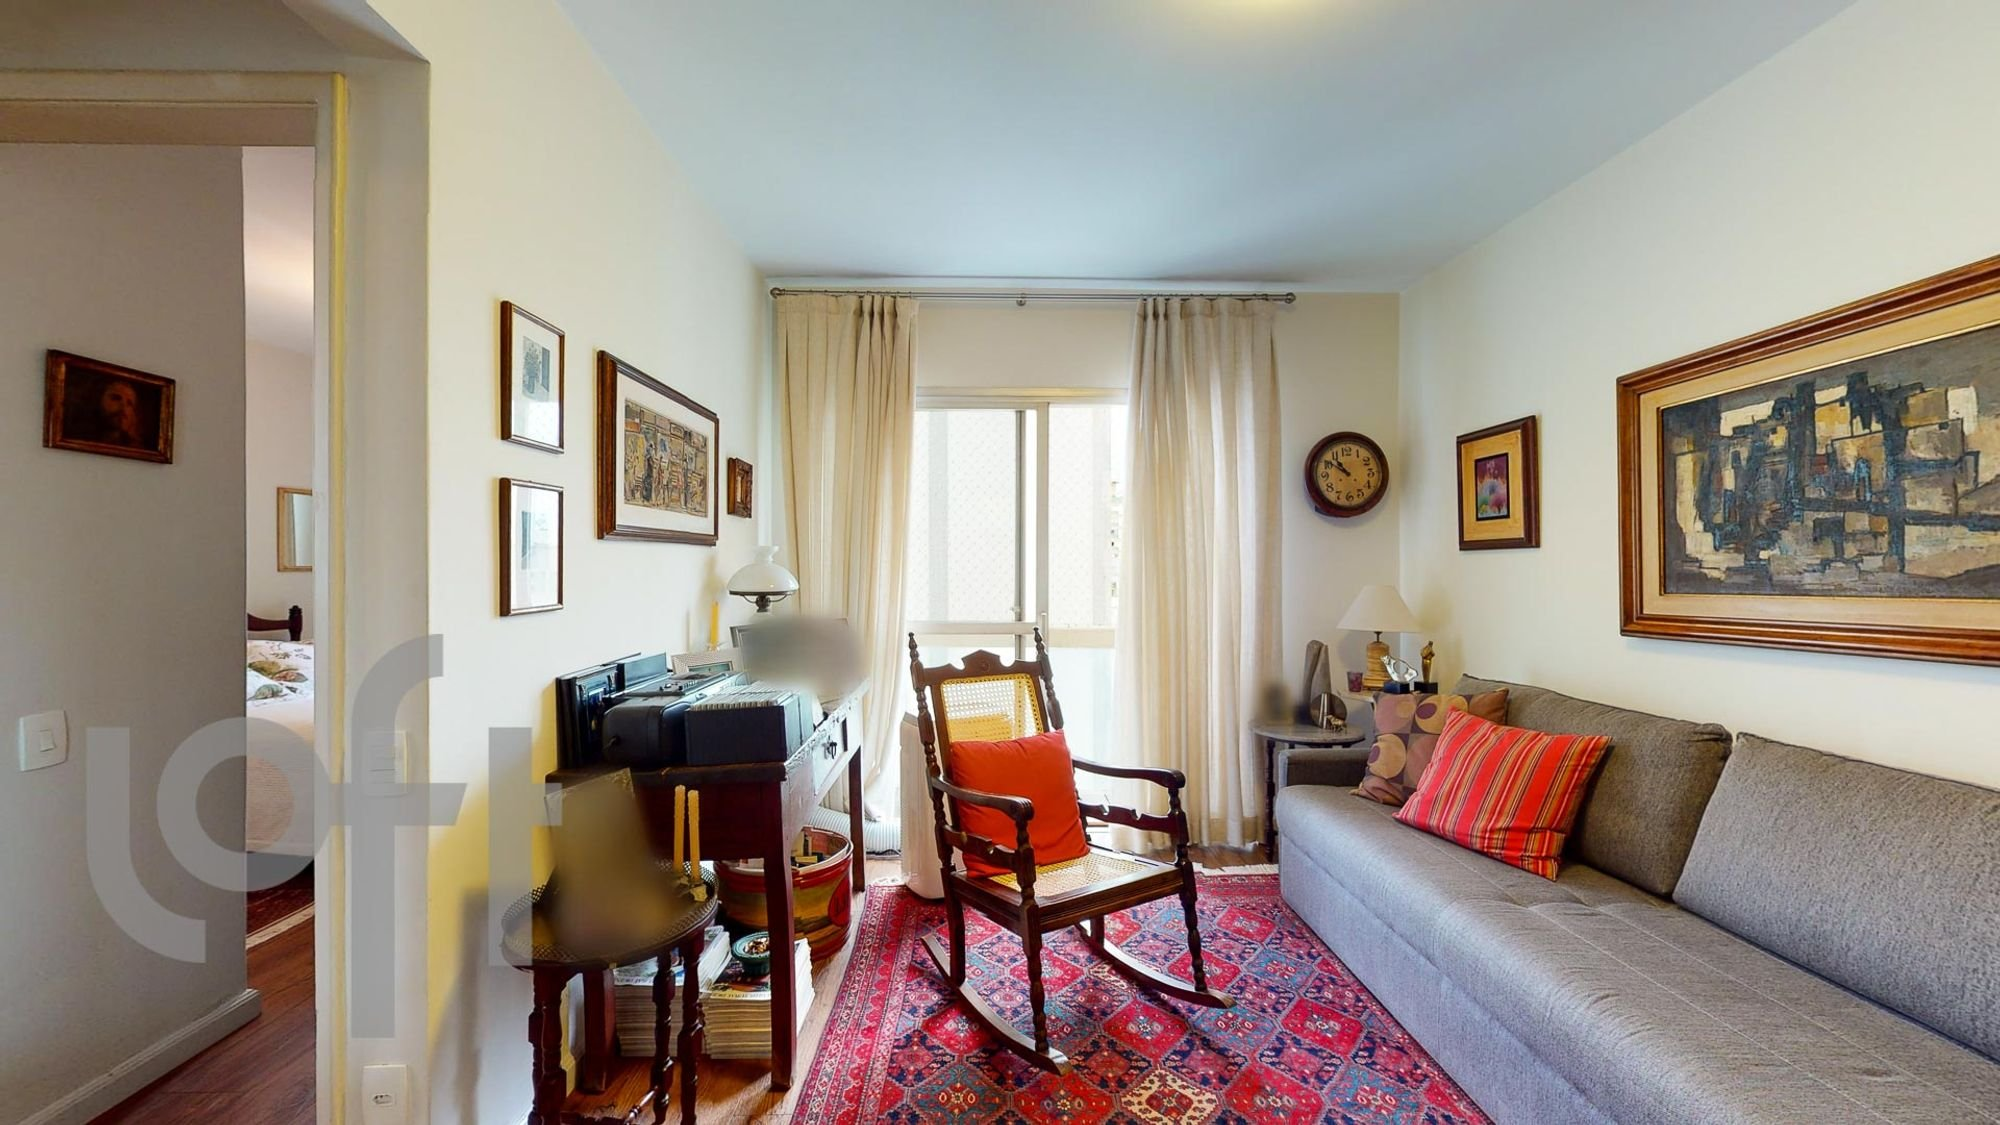 Foto de Sala com sofá, cadeira, relógio